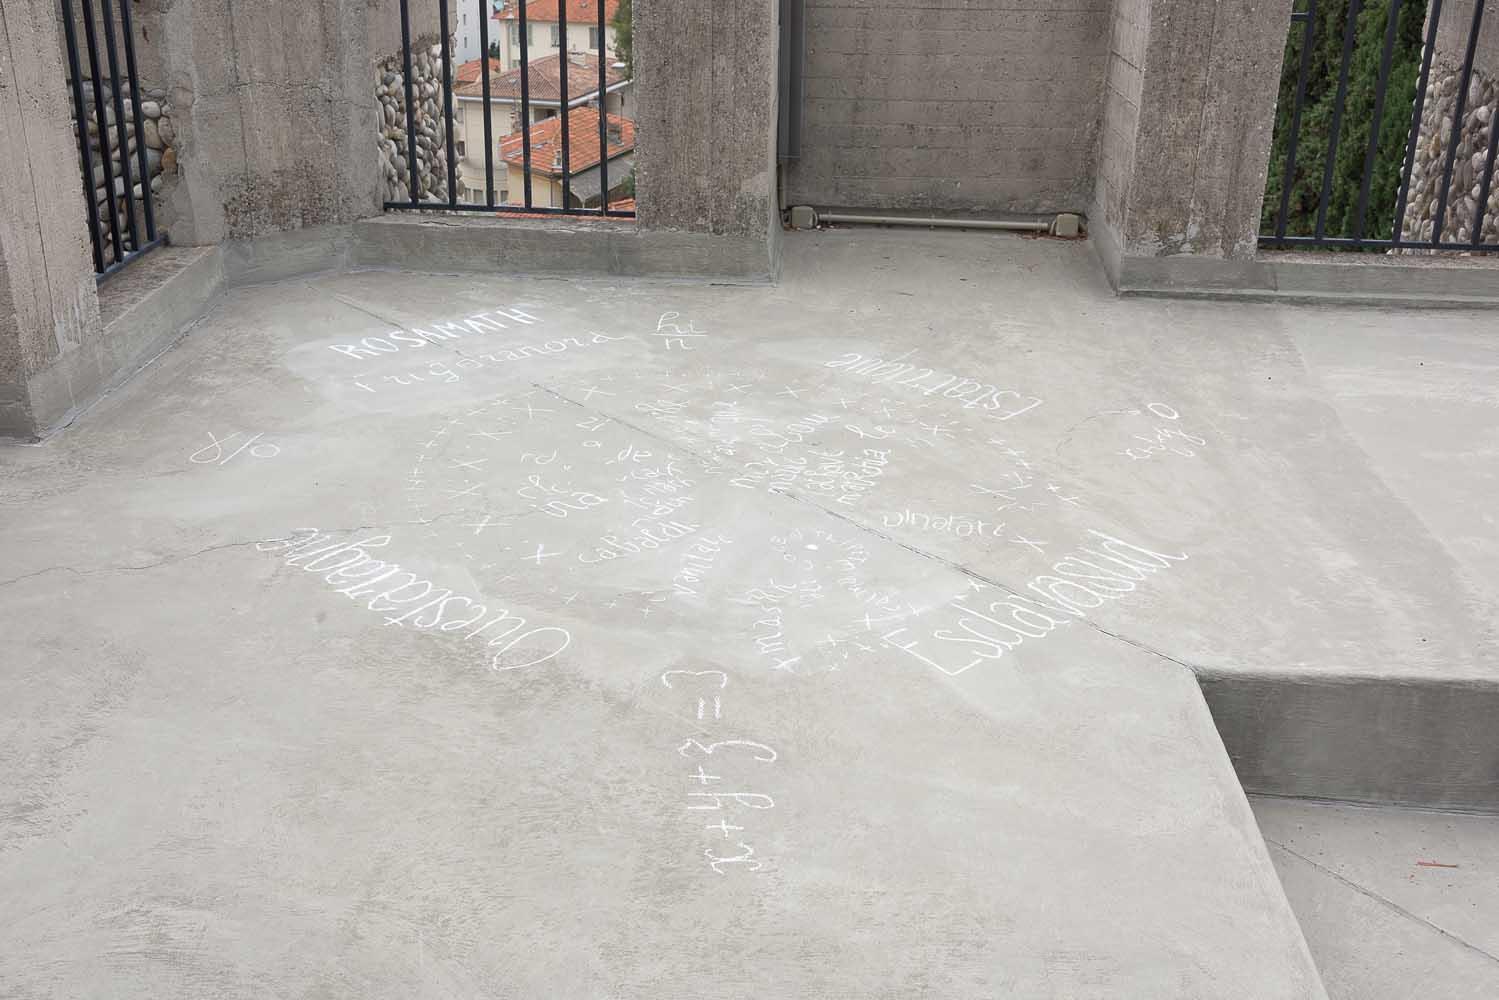 <em>Rosamath</em>, 2014 <br>dessin à la craie <br>citation d'un dessin d'André Martel, poète, papafol, ici déformé et choisi dans ces installations pour servir de boussole en charabia